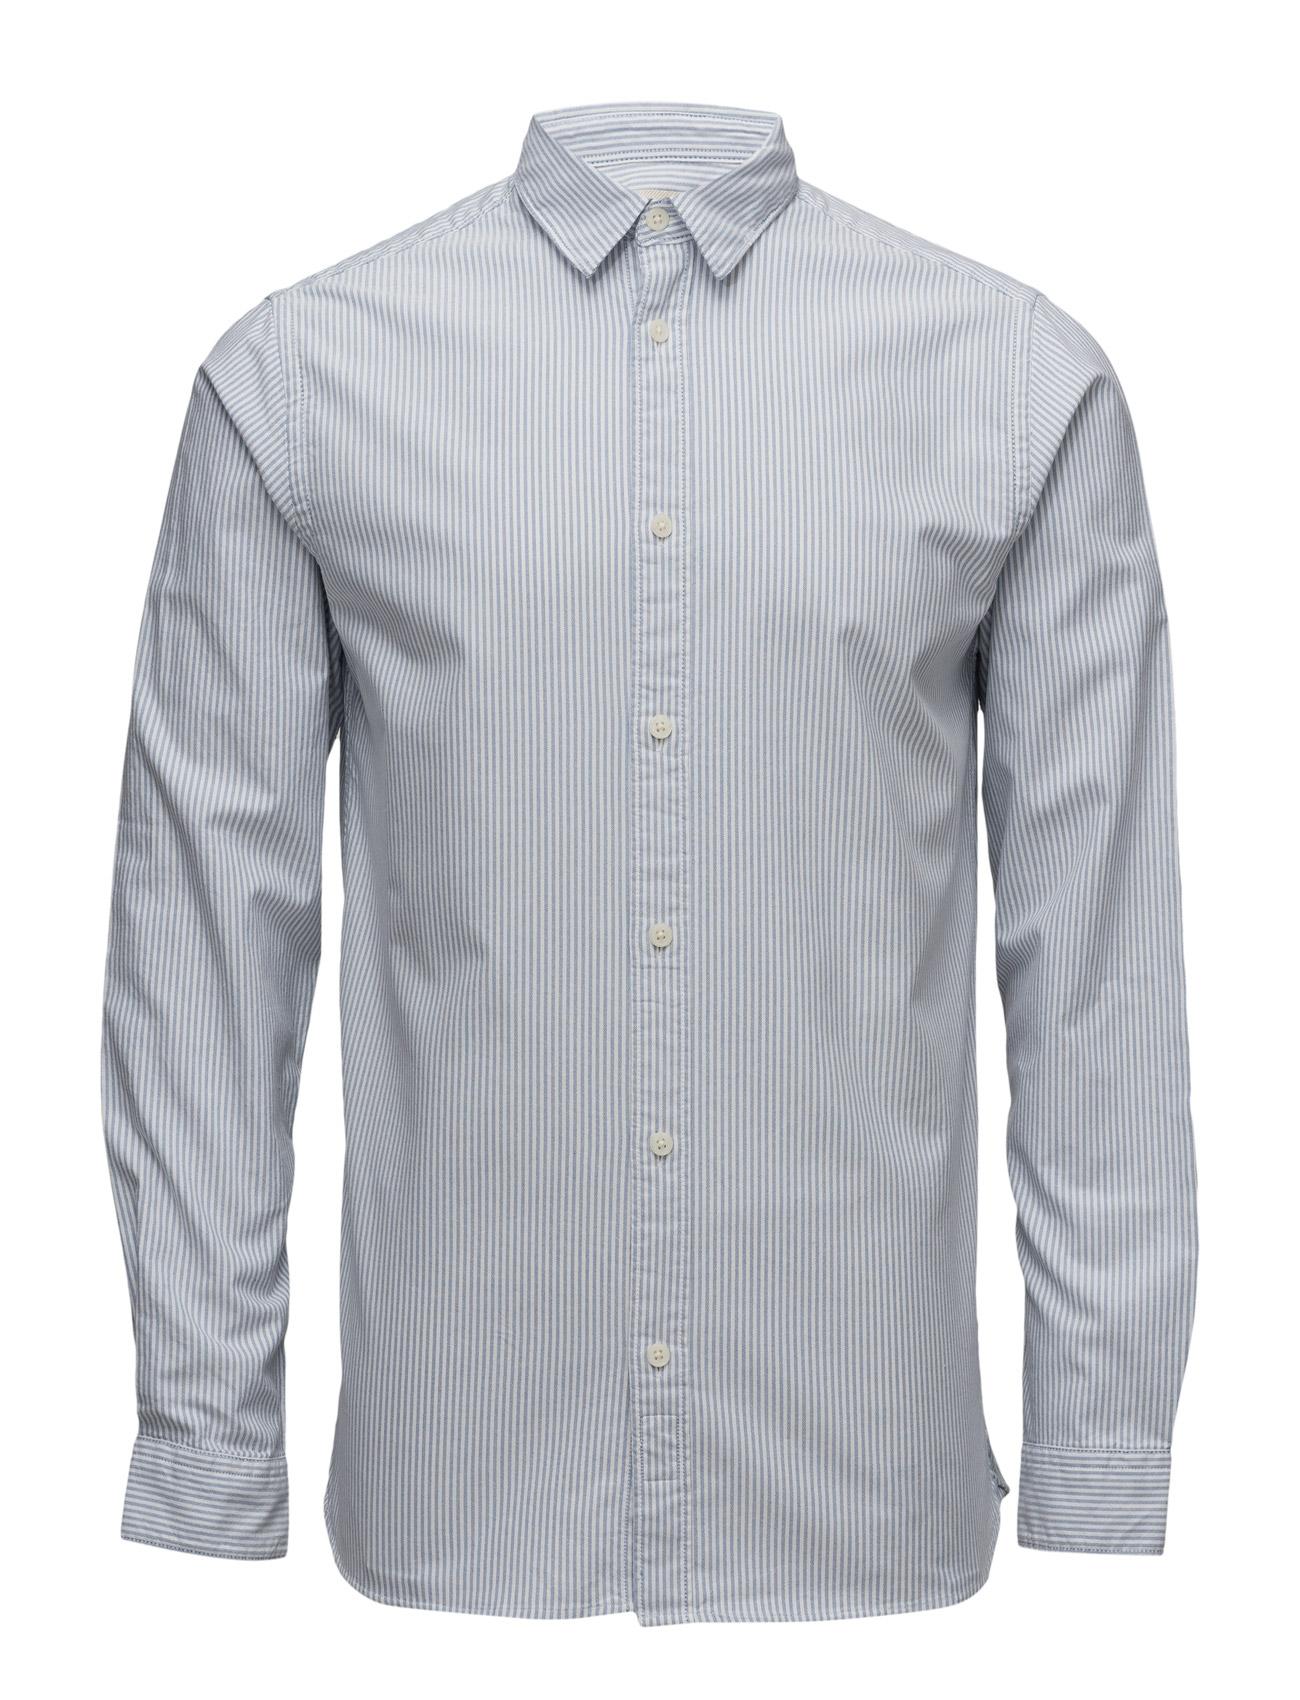 Shhonevince Shirt Ls Sts Selected Homme Business til Mænd i Bright White